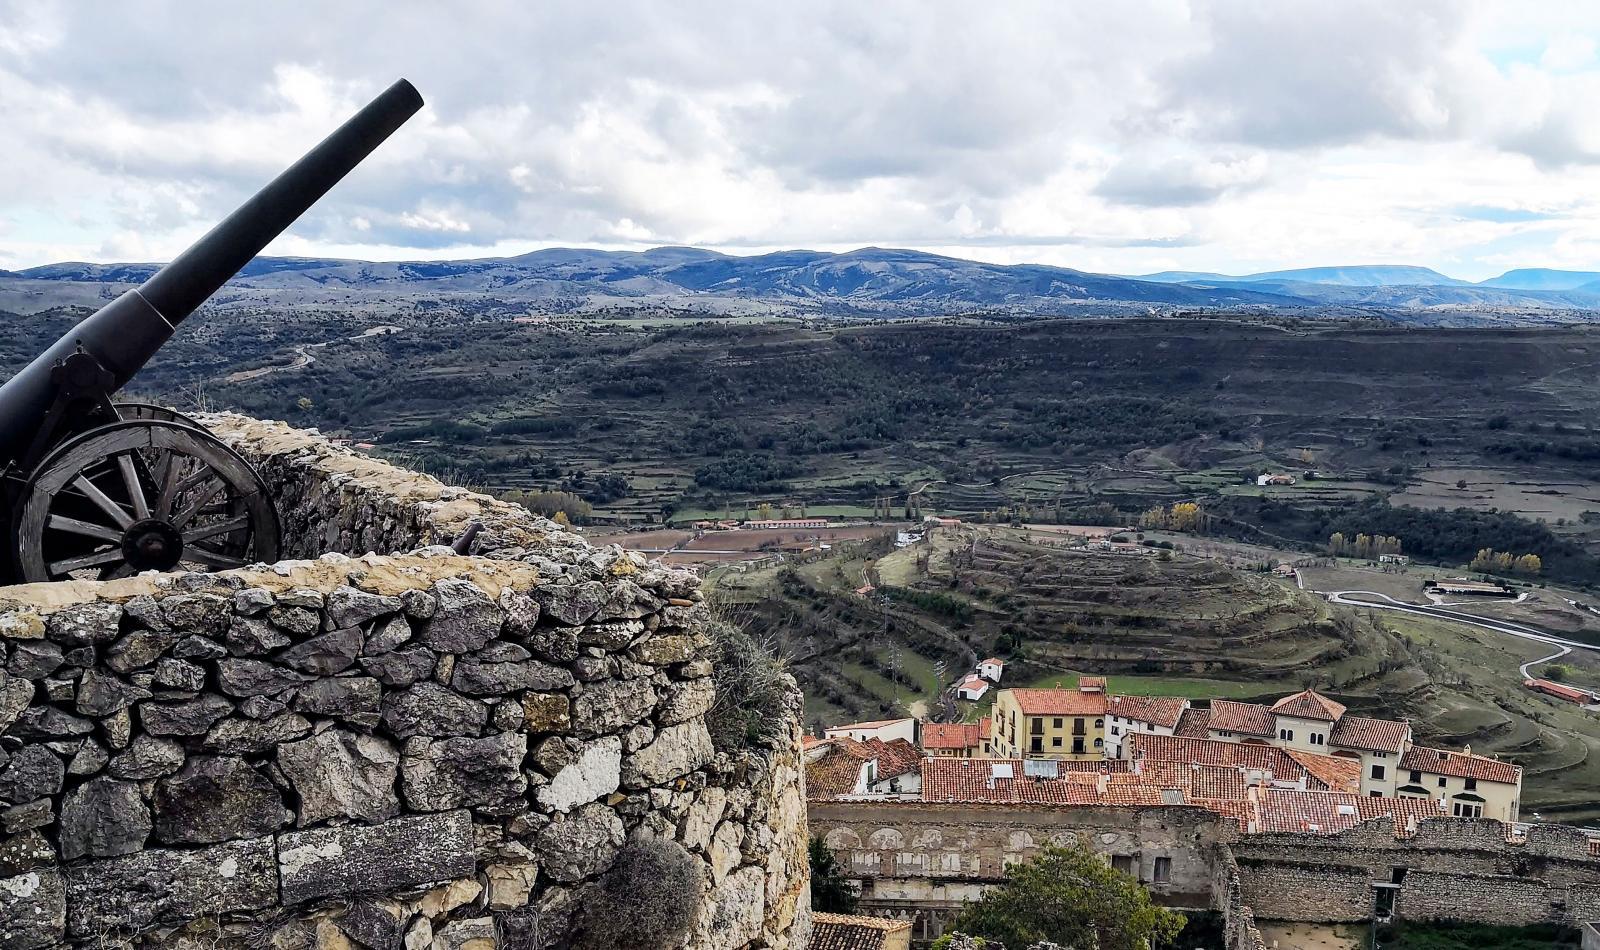 Kanonen är ditforslad långt efter att fästningen slutade användas och står där mer som prydnad.